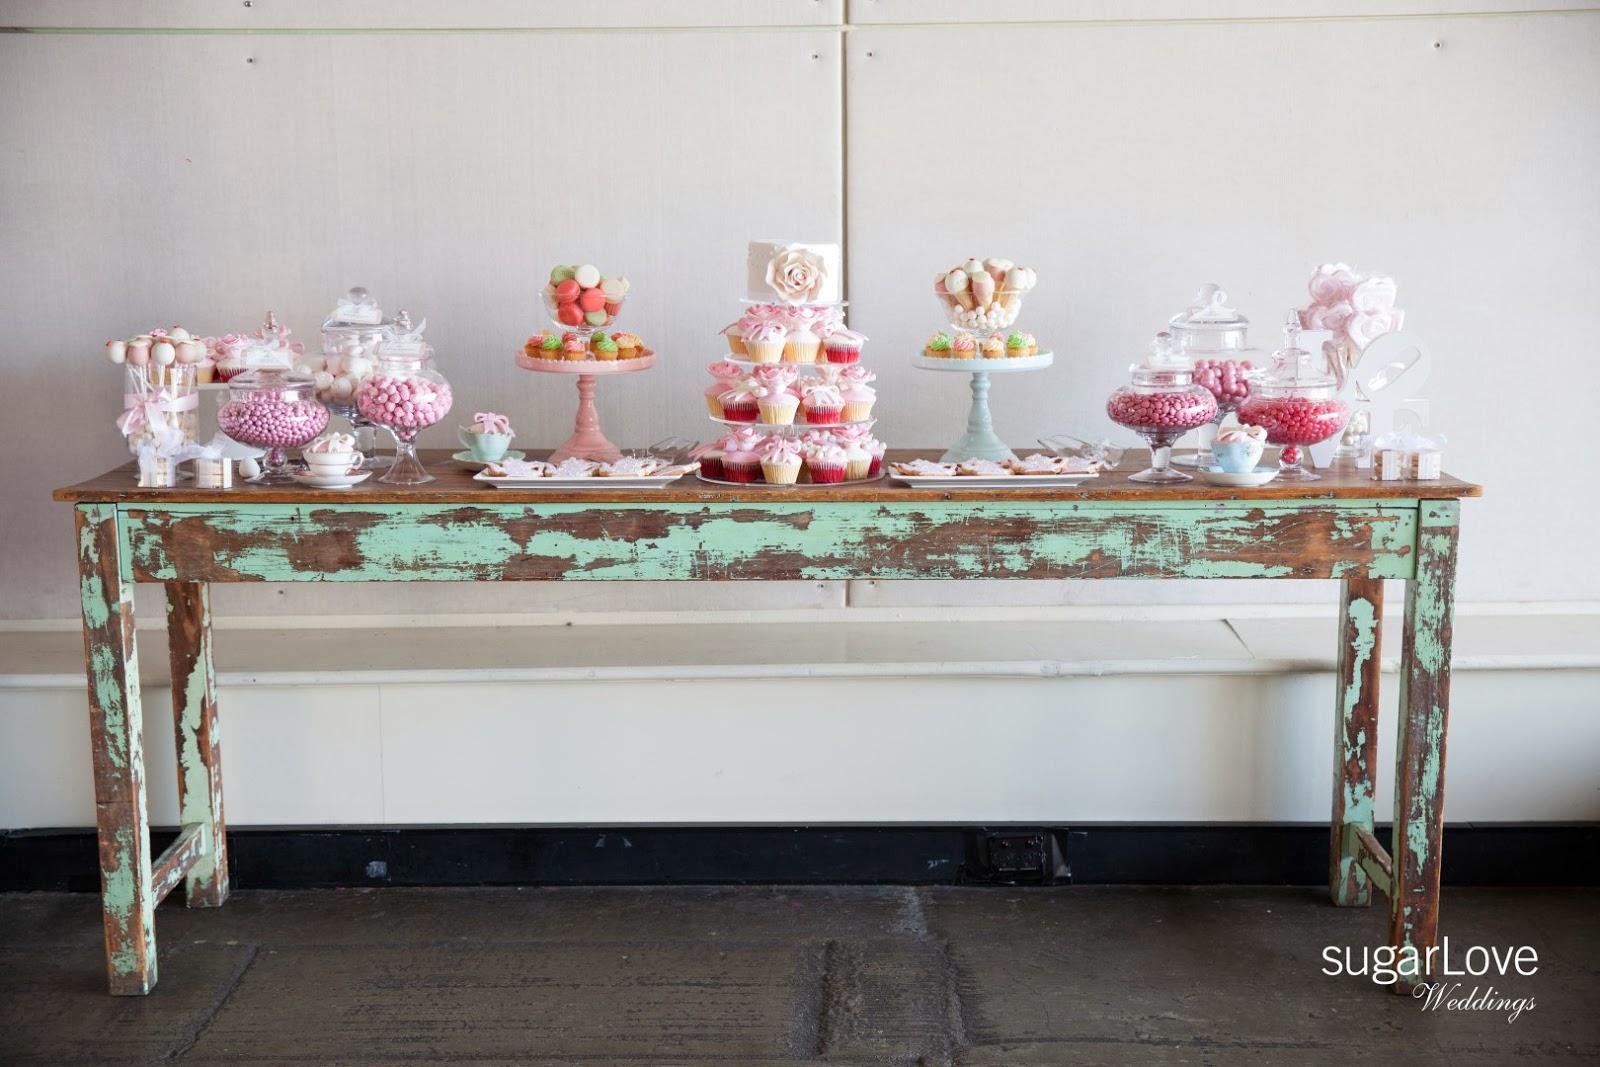 SugarLove Weddings: SOPHIA\'S STYLISH KITCHEN TEA